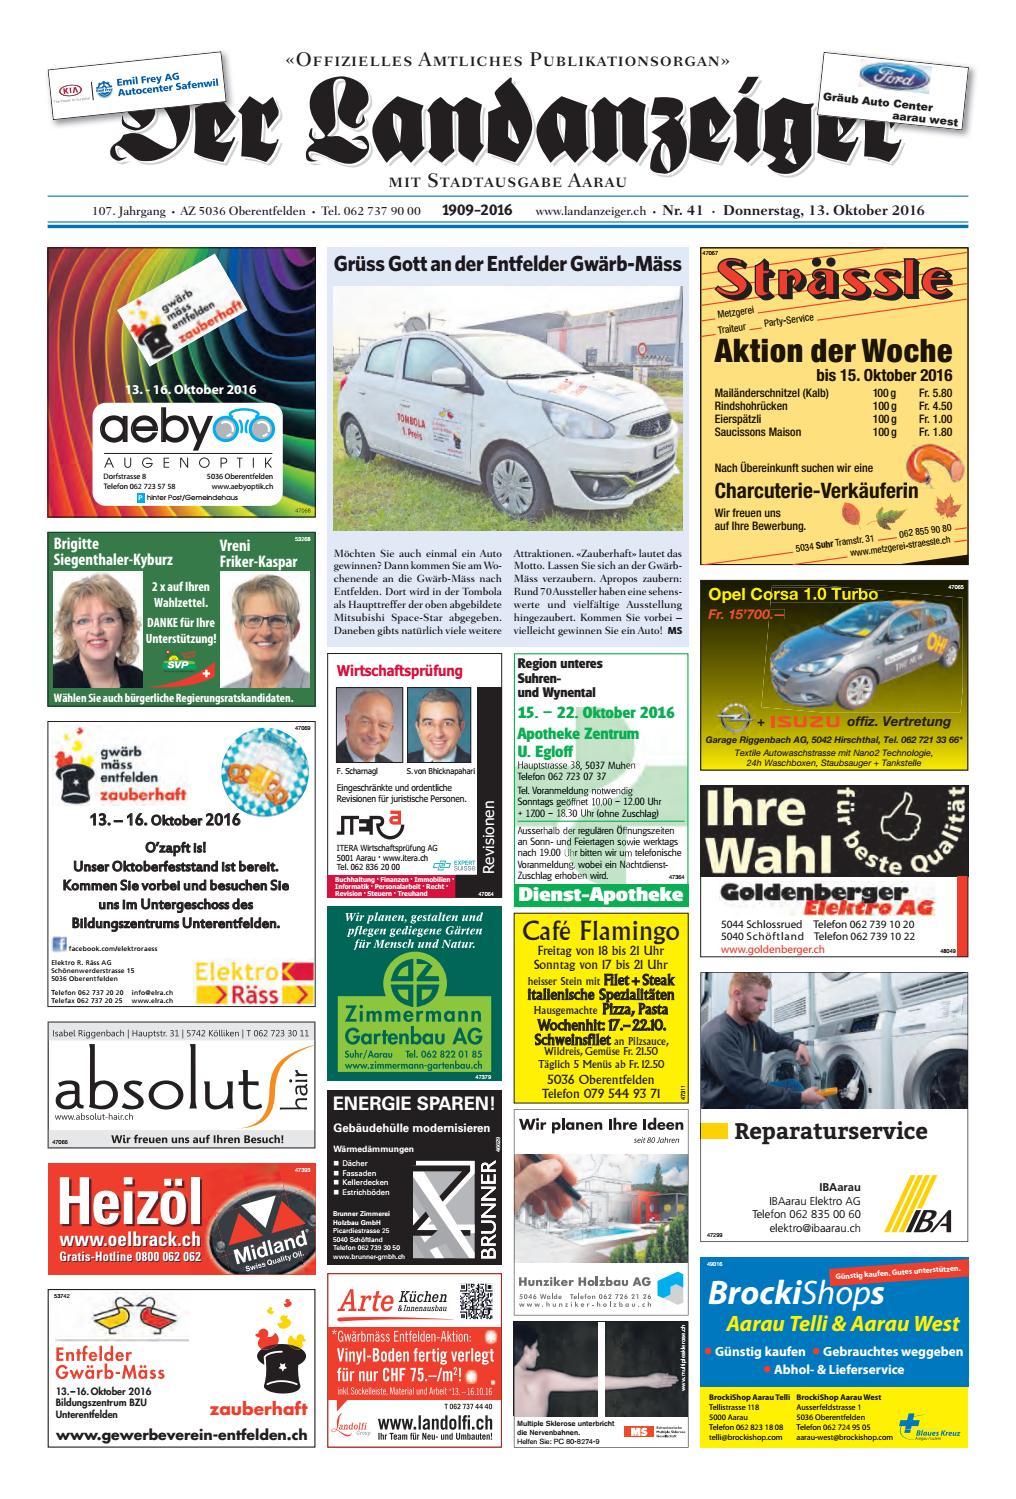 Der Landanzeiger 4116 By Zt Medien Ag Issuu